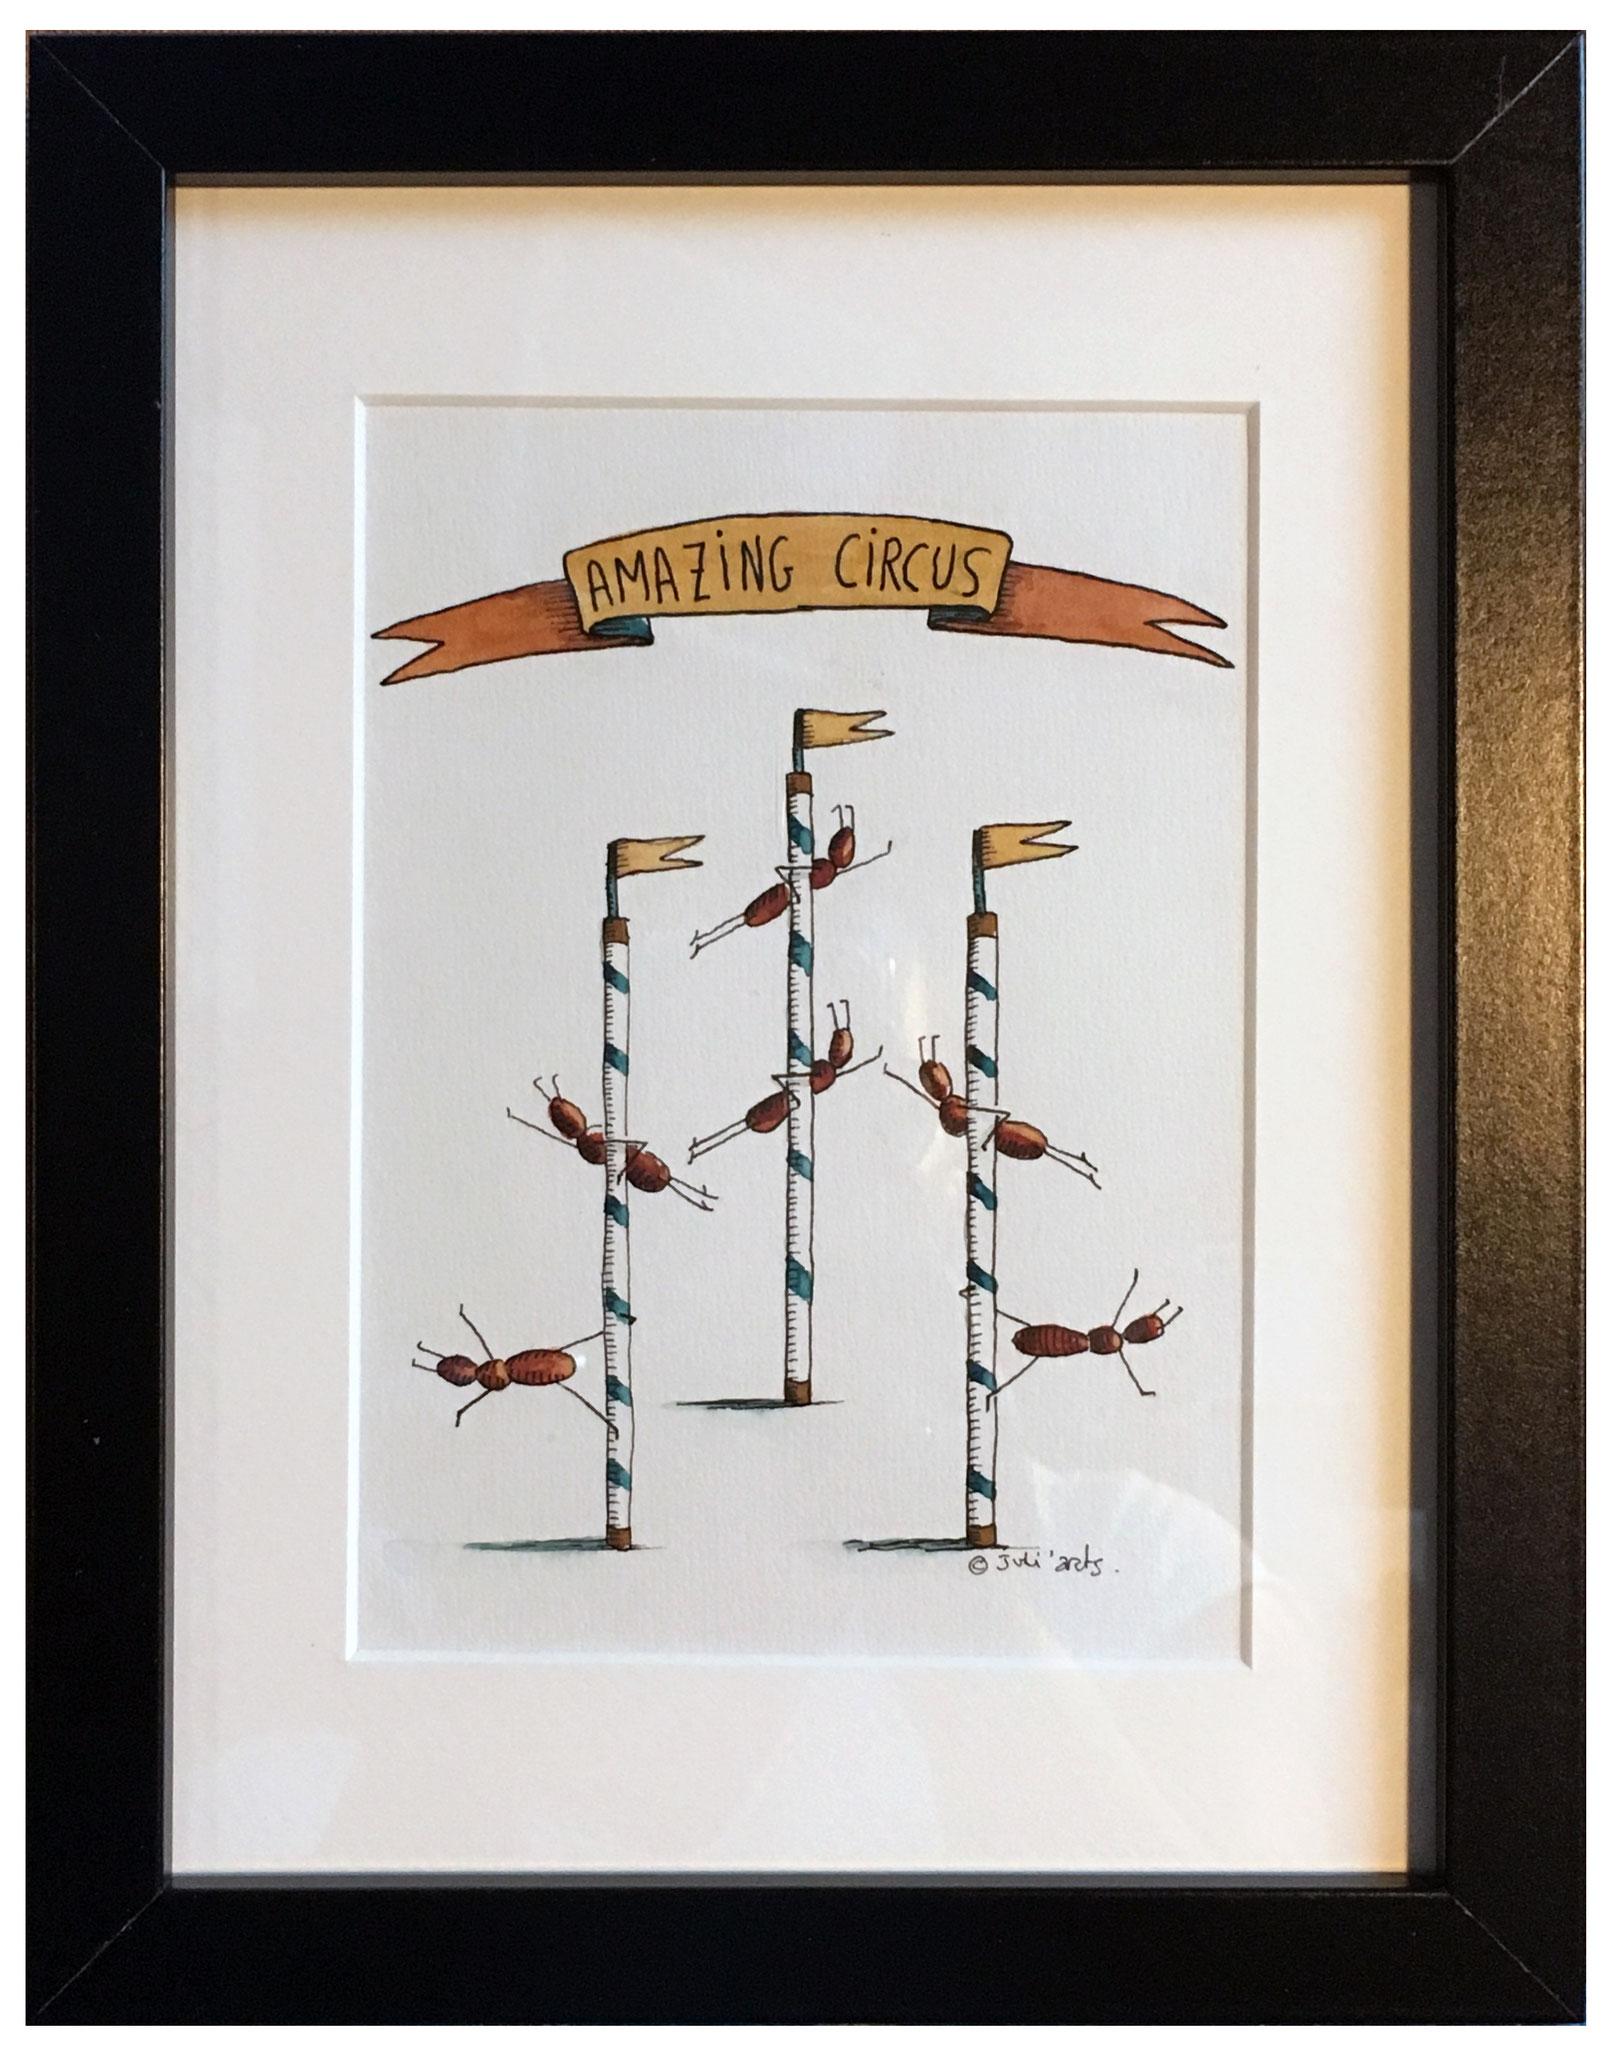 """""""Amazing Circus B"""" ©Julia Ratsimandresy / Aquarelle originale encadrée / Cadre bois noir+verre 23,5x32,5 cm / 65€ hors fdp /Exemplaire unique!"""